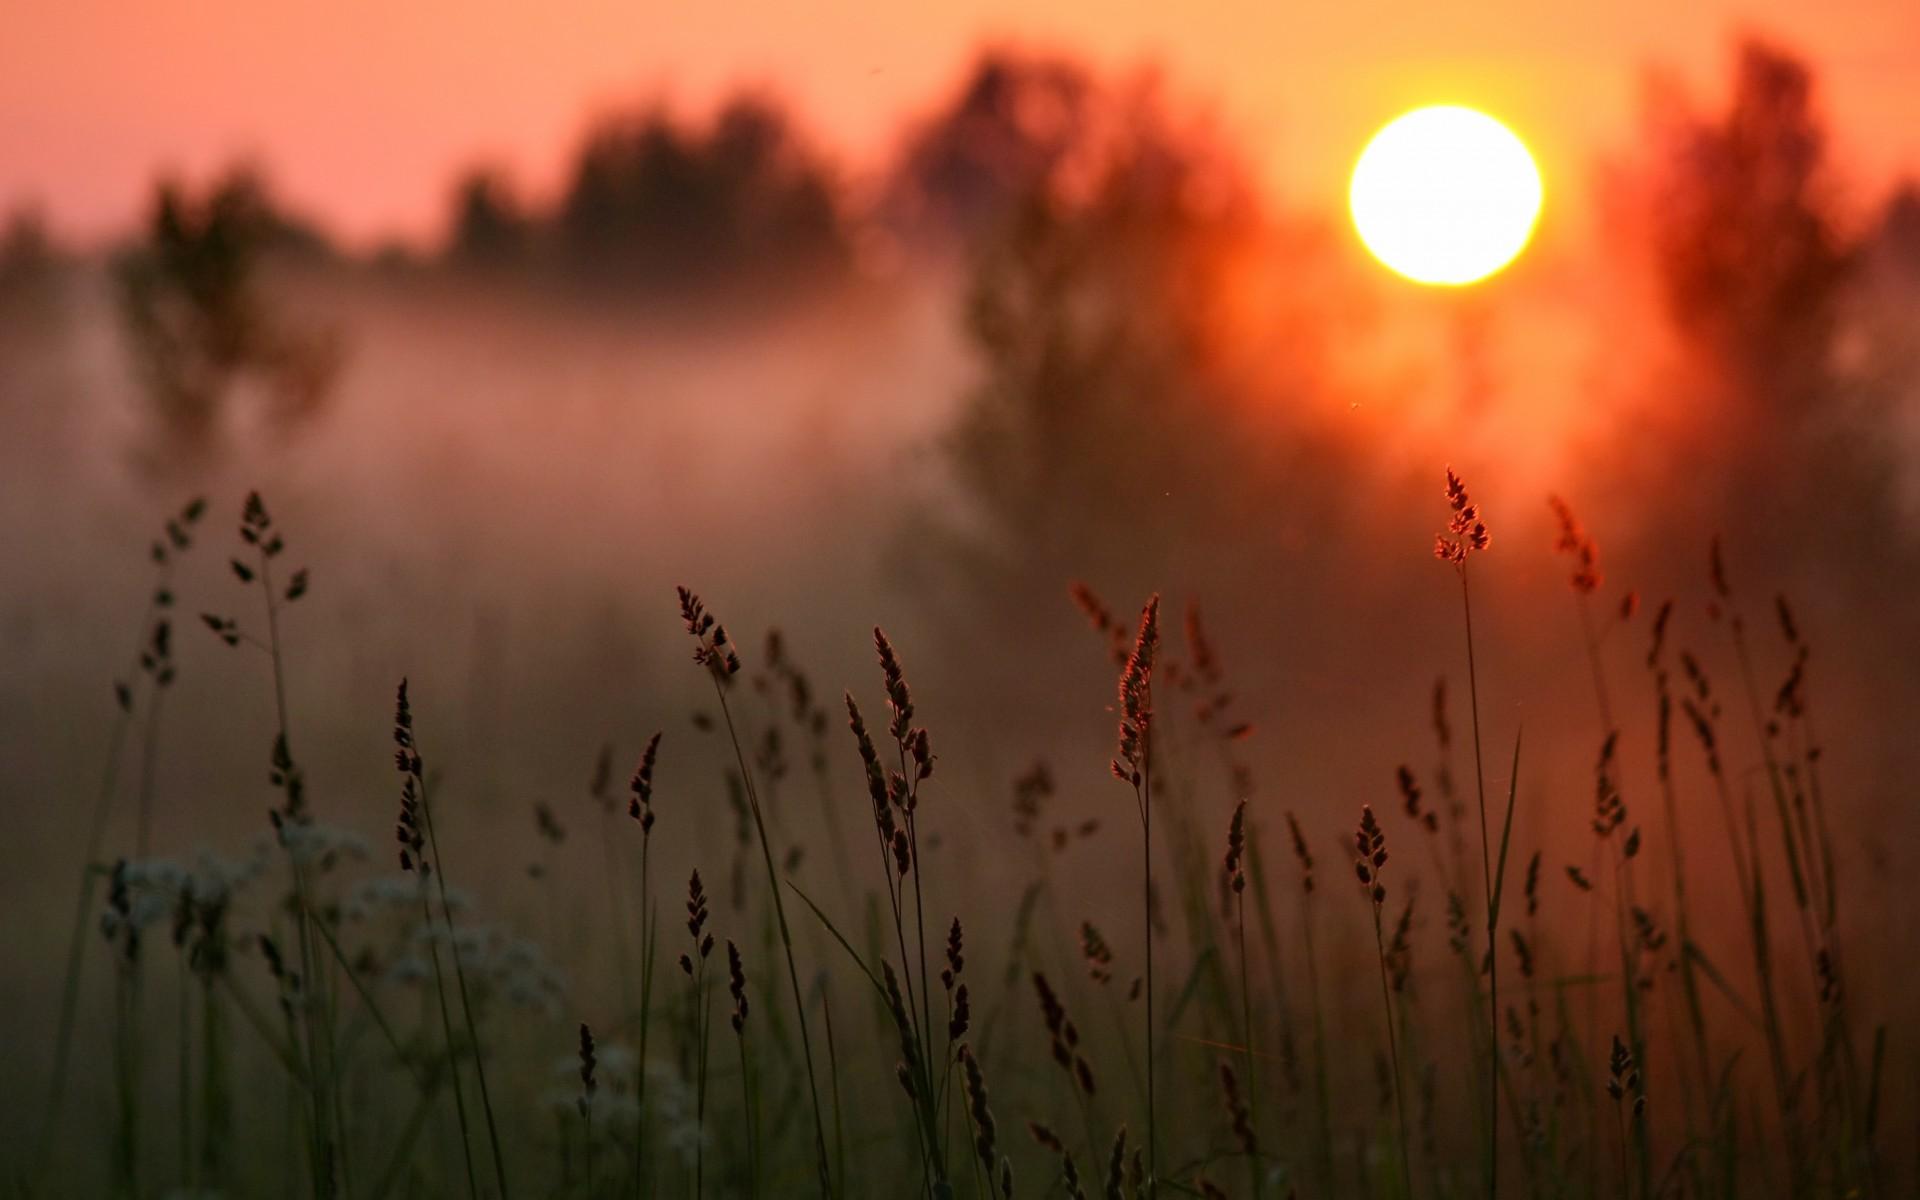 Sunset Sun Forest Grass Macro Wallpaper 1920x1200